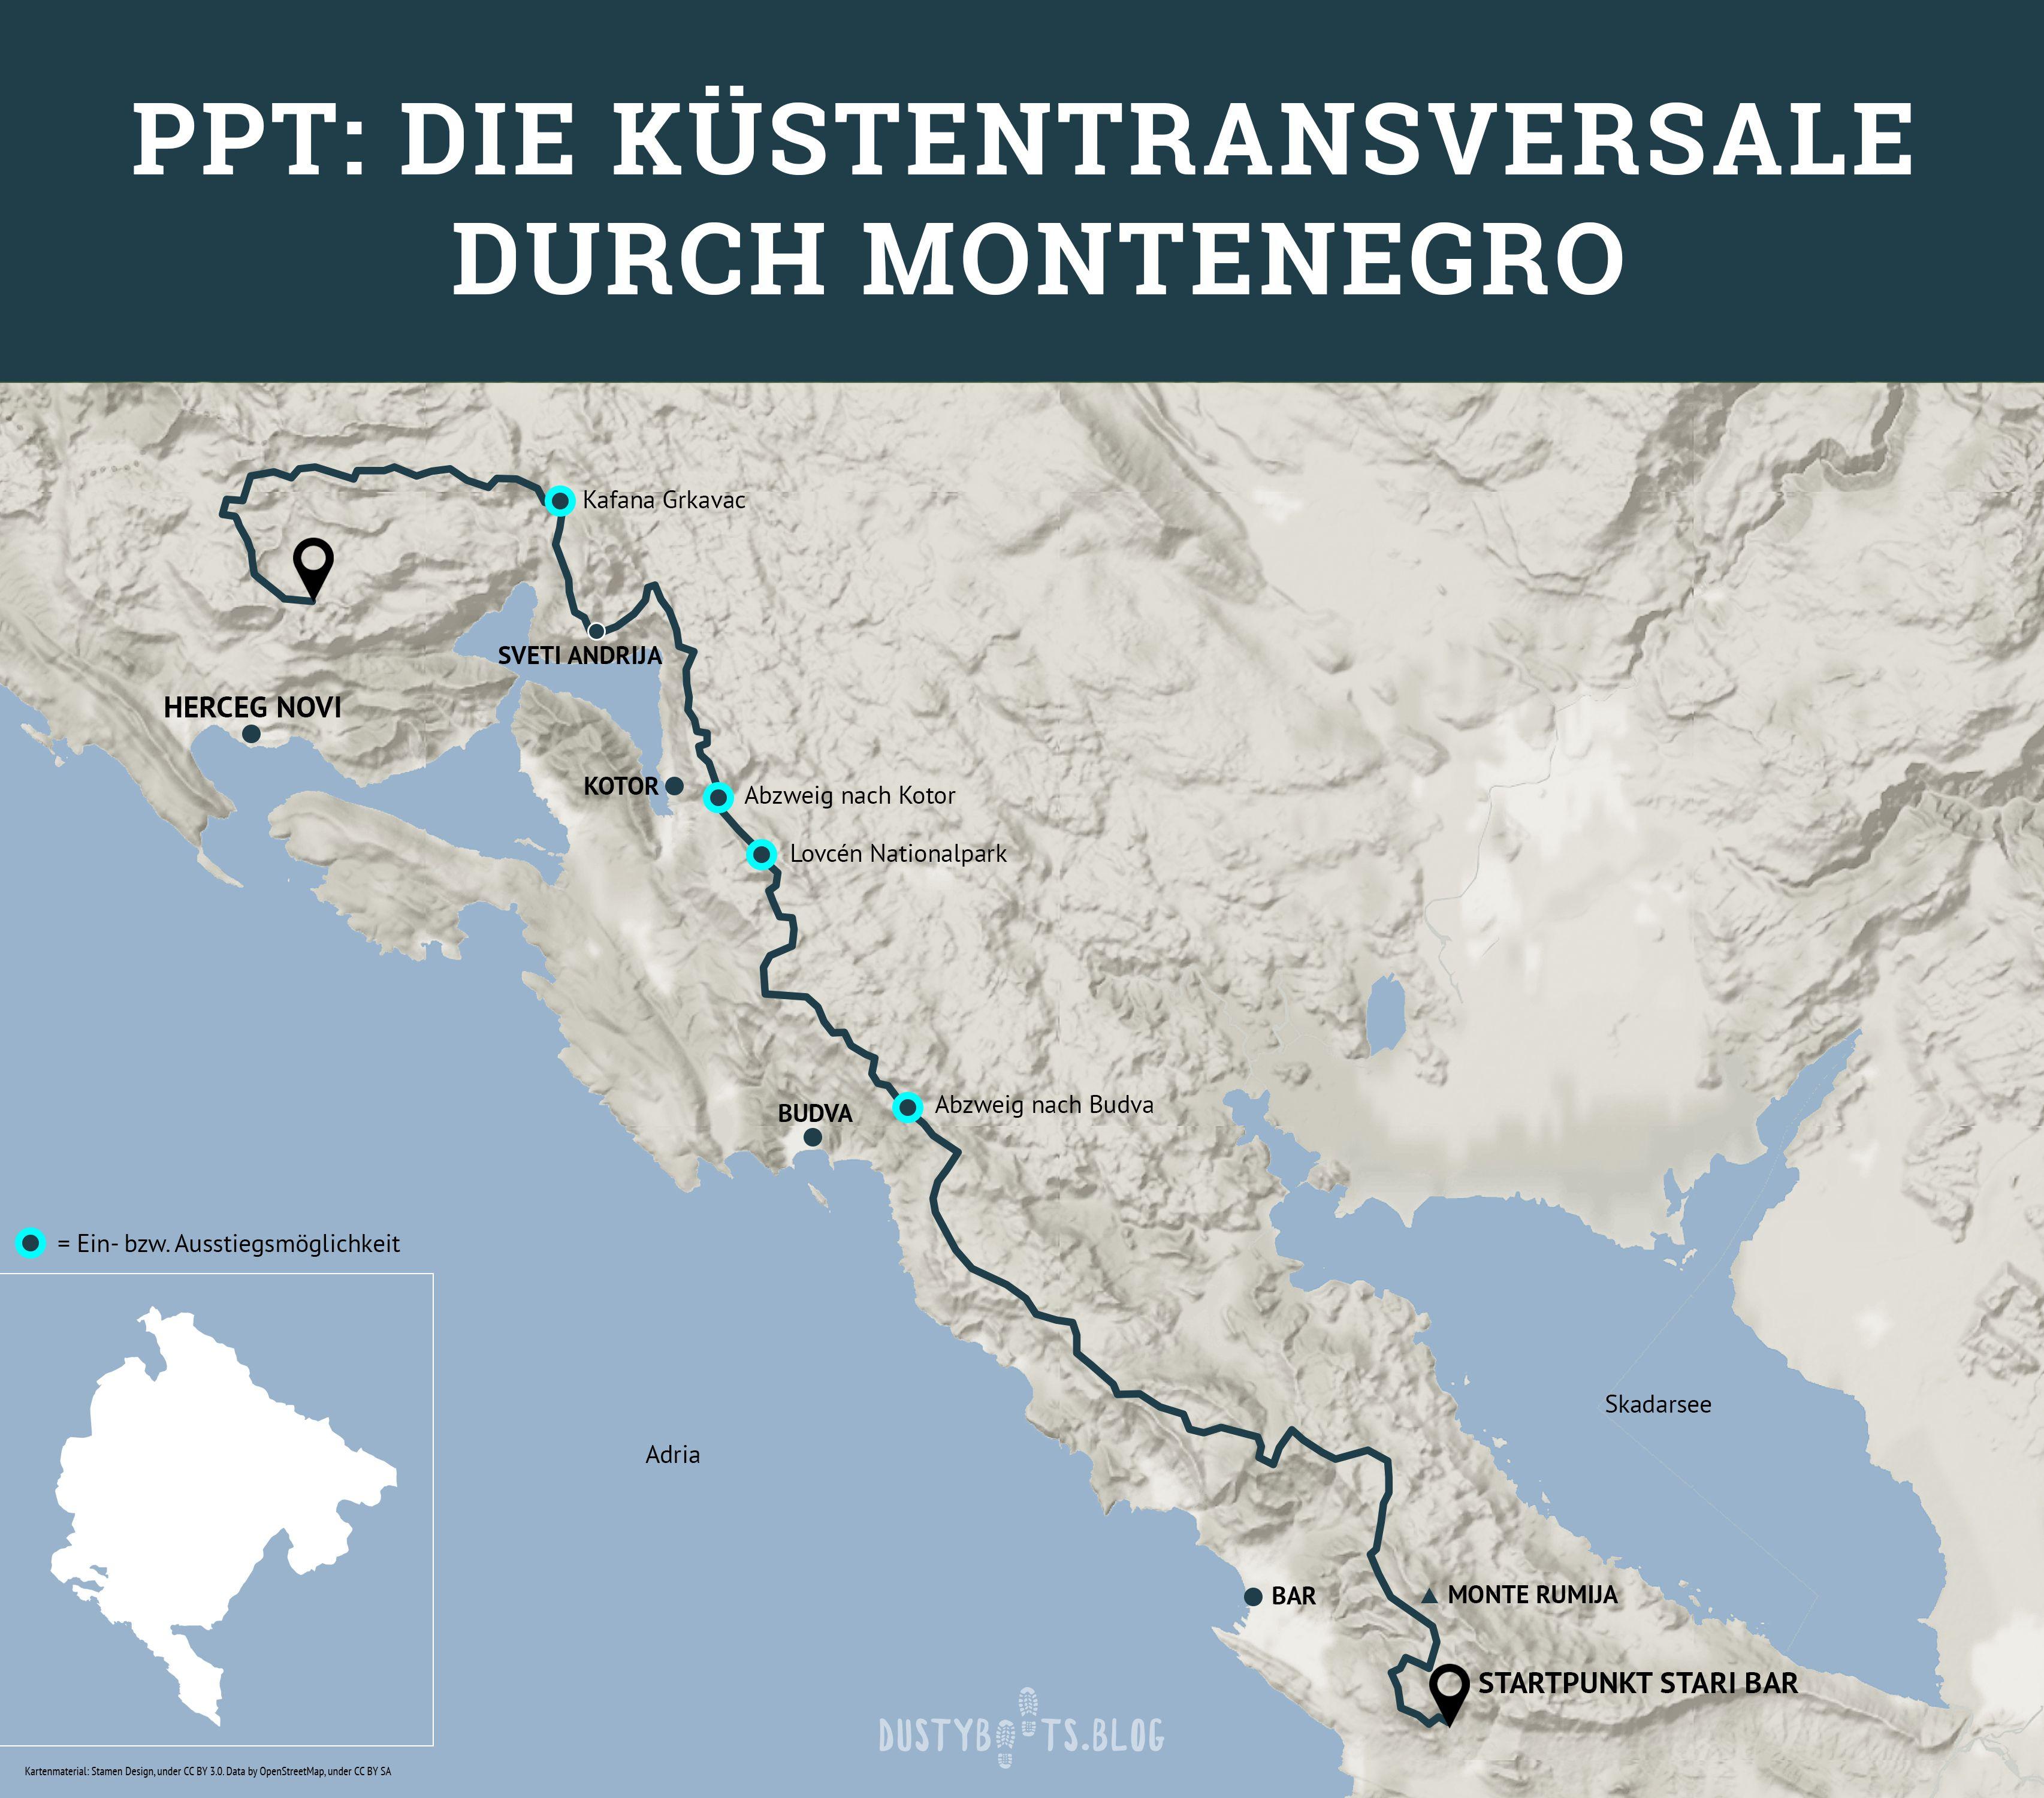 Infopaket Zum Ppt Kustentransversale Durch Montenegro